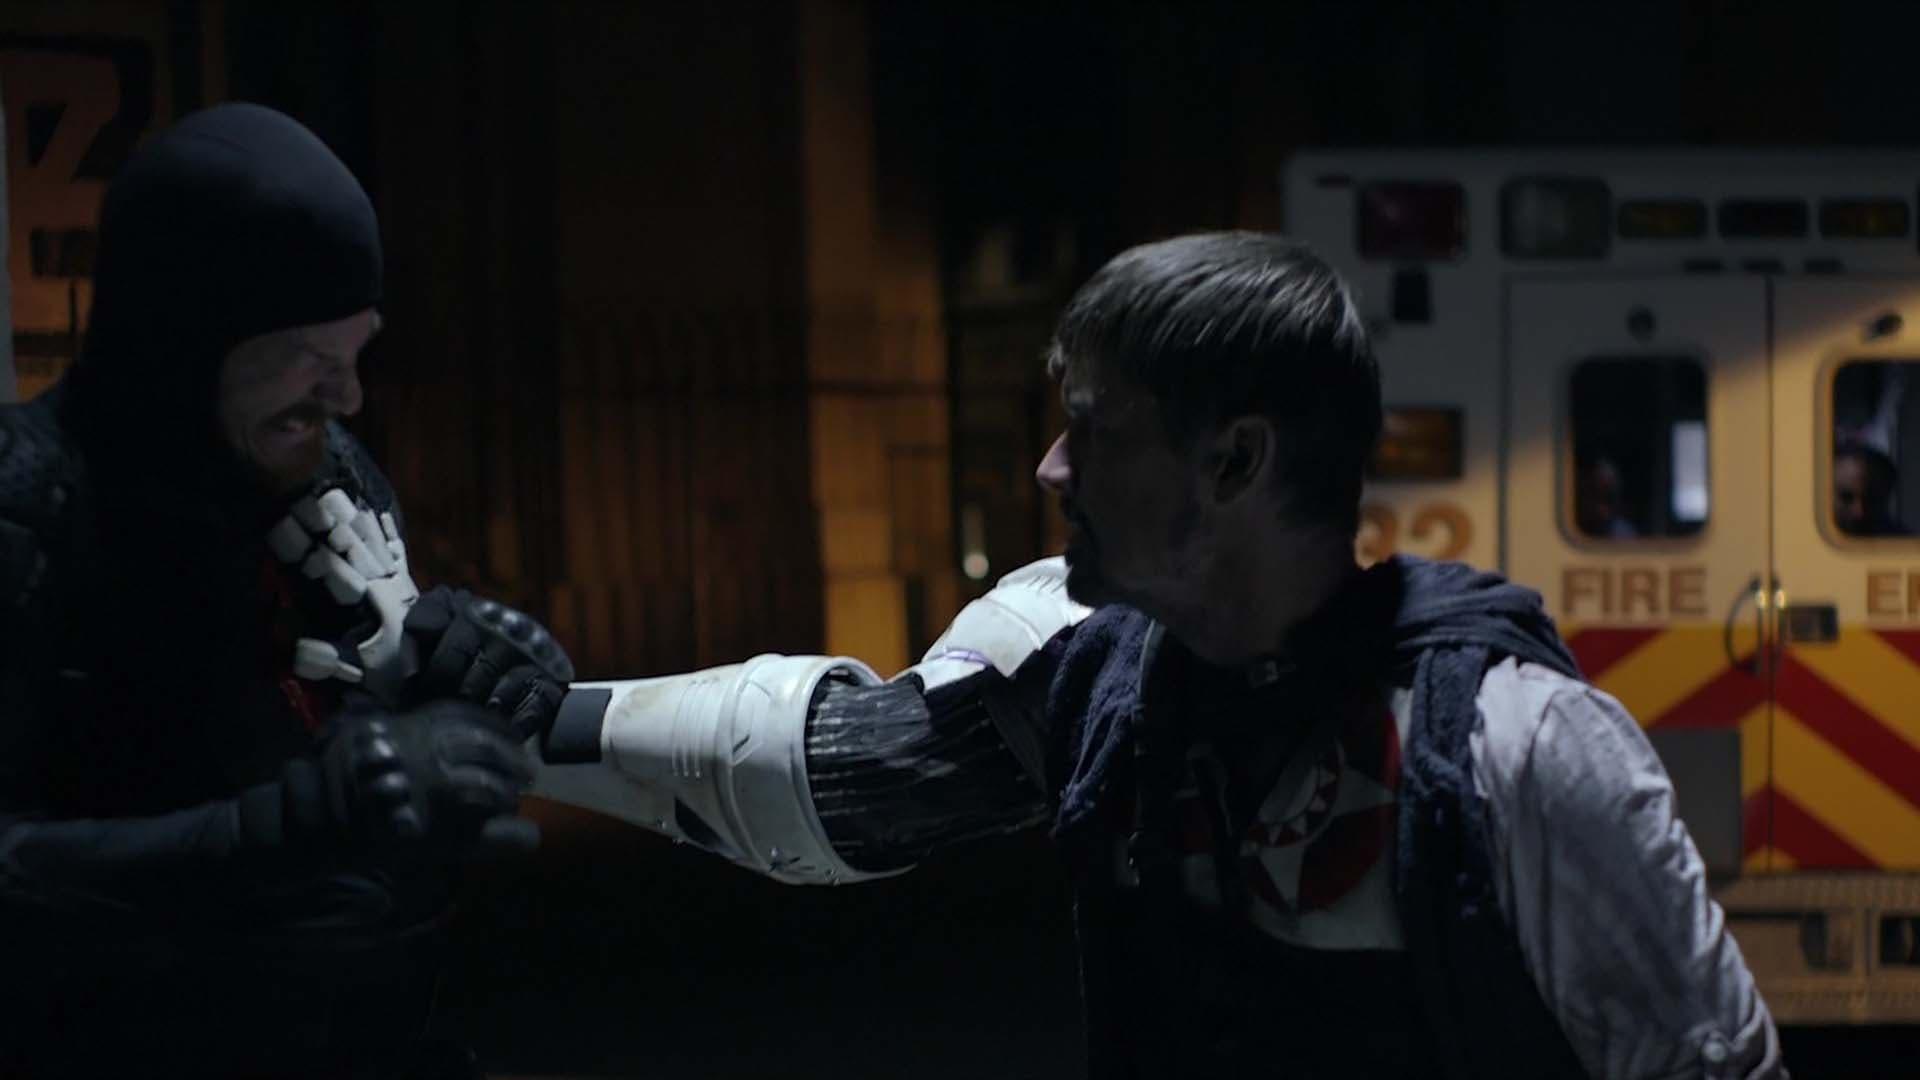 Regarder Iron Arm: Le Justicier de fer en streaming gratuit